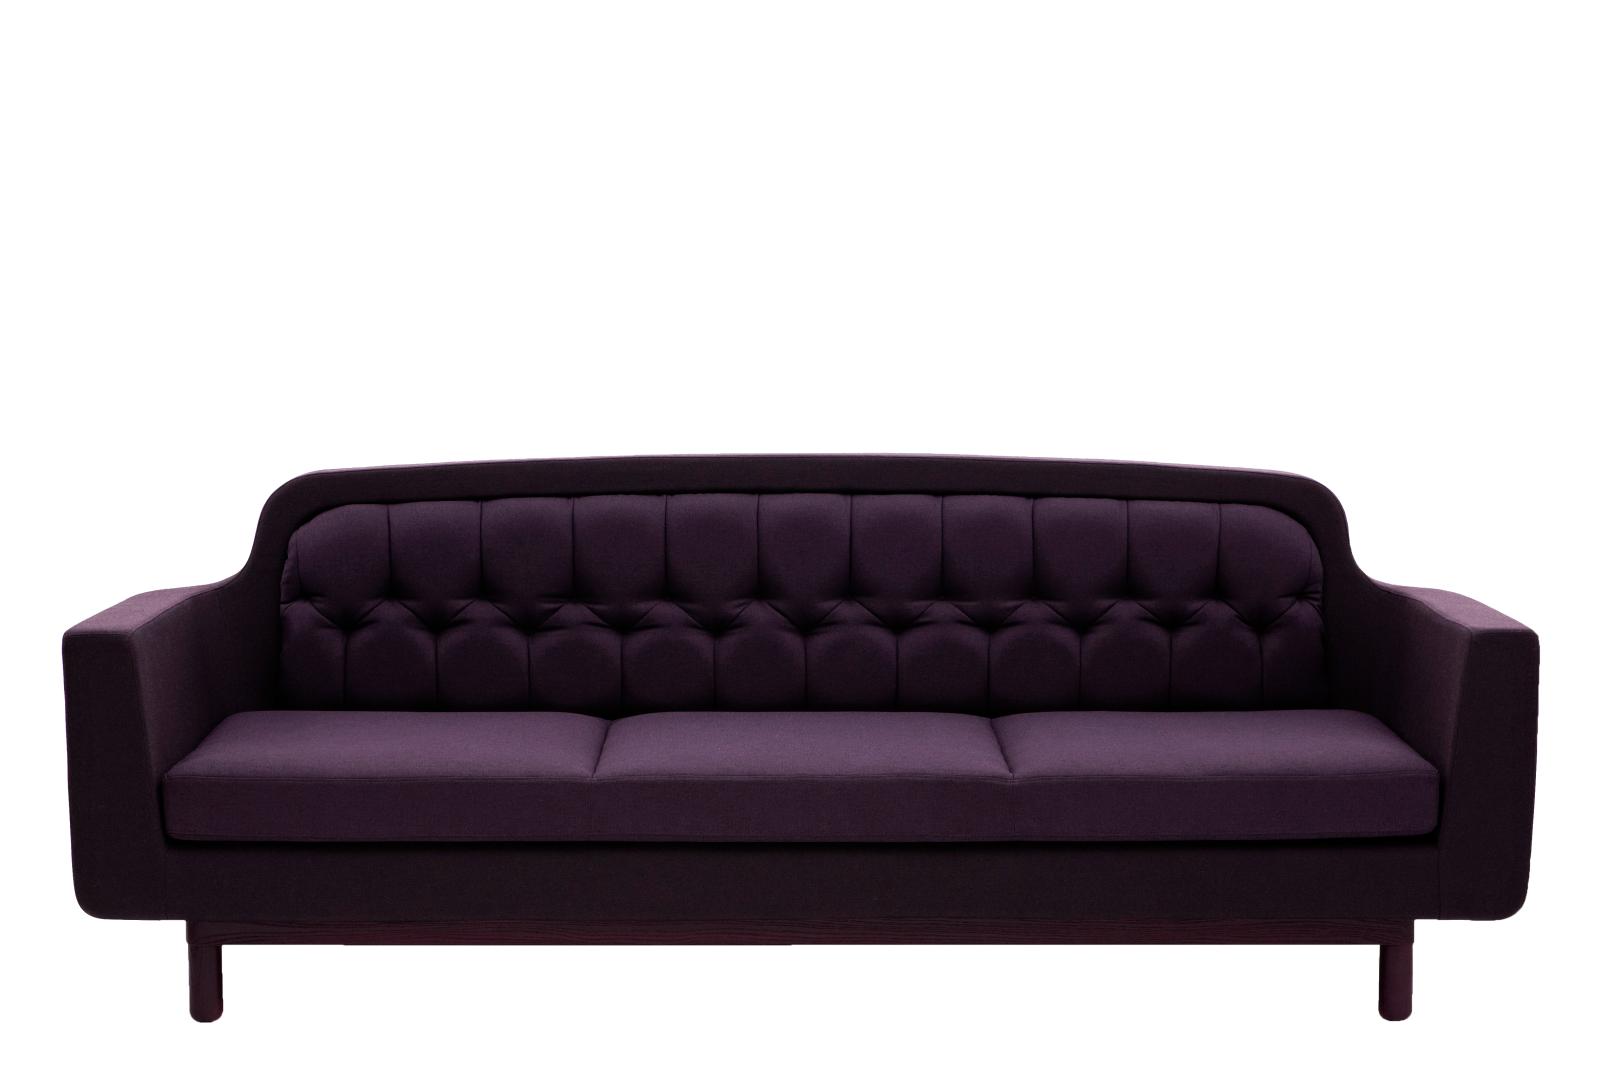 Onkel 3 Seater Sofa Purple